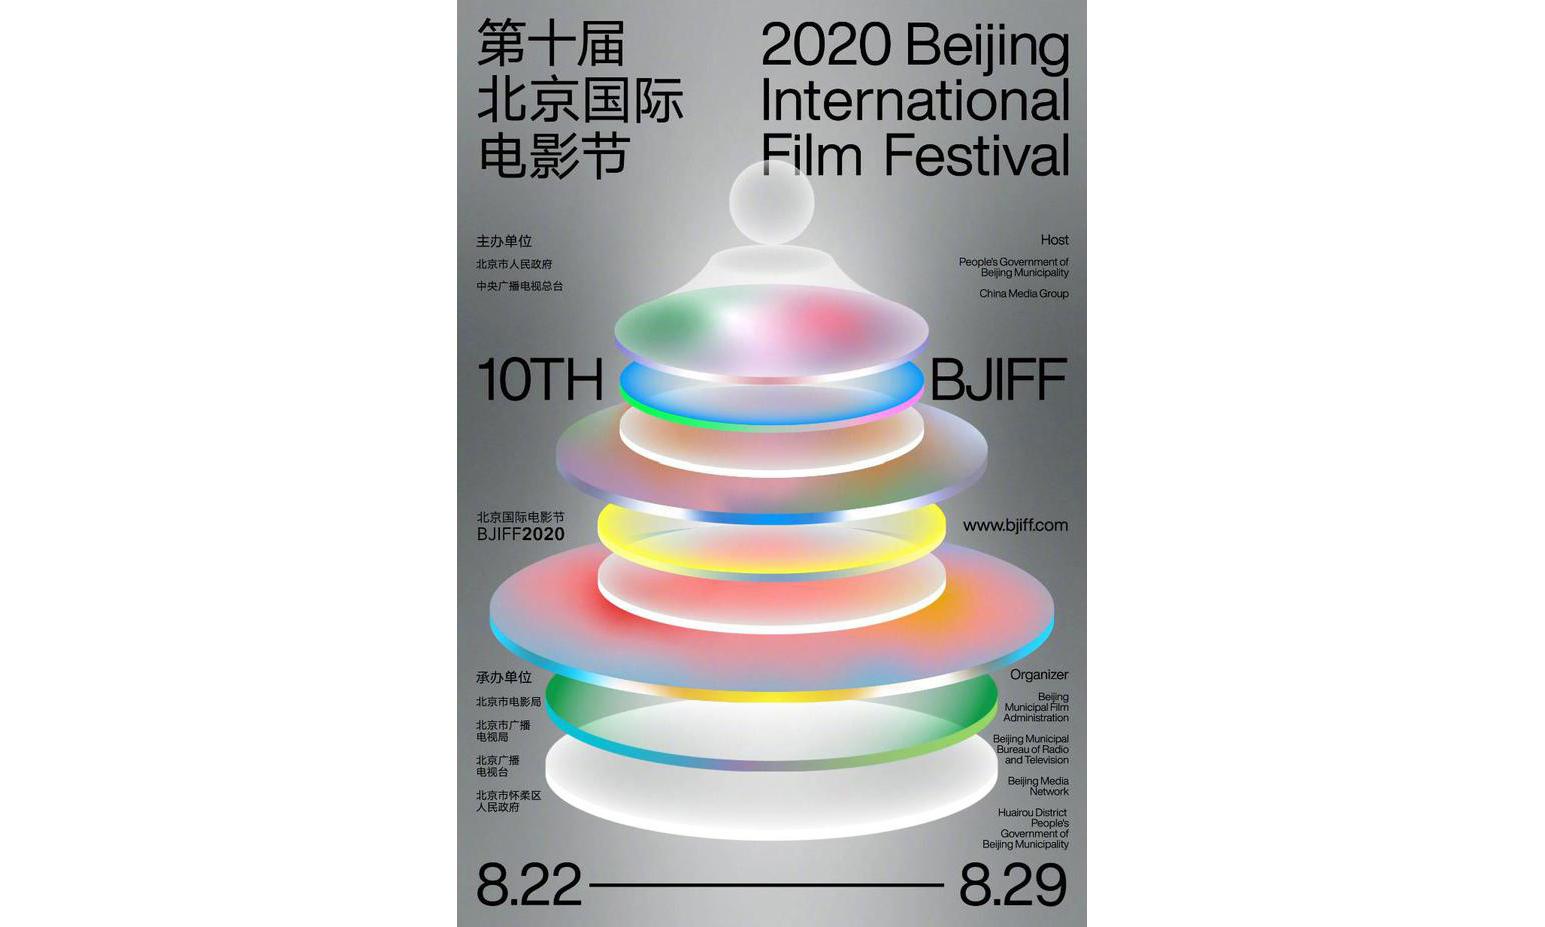 第十届北京国际电影节将于 8 月 22 日正式开幕